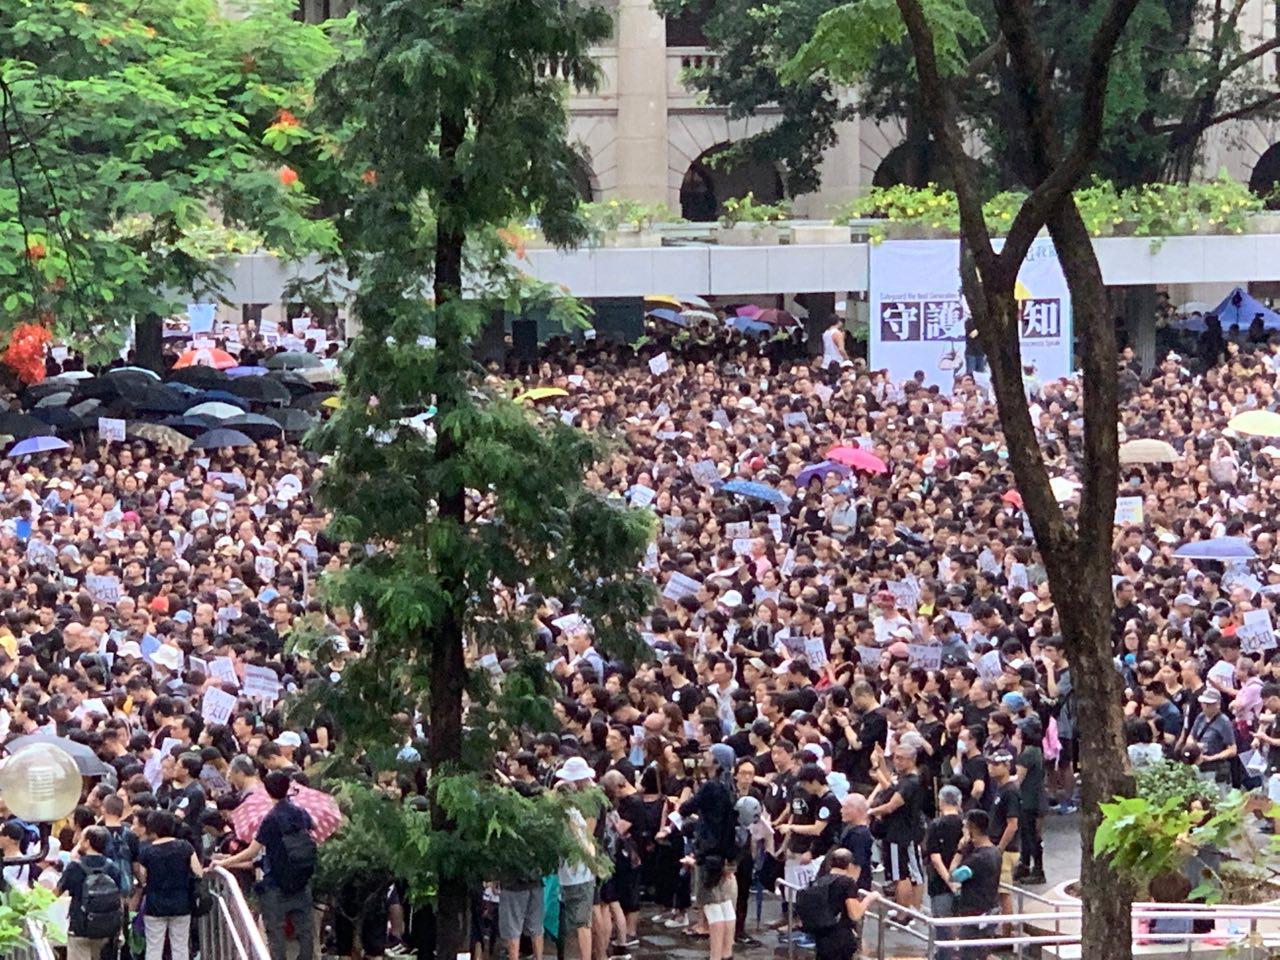 8月17日上午,港人舉行教育界「守護下一代 為良知發聲」的集會遊行。(駱亞/大紀元)